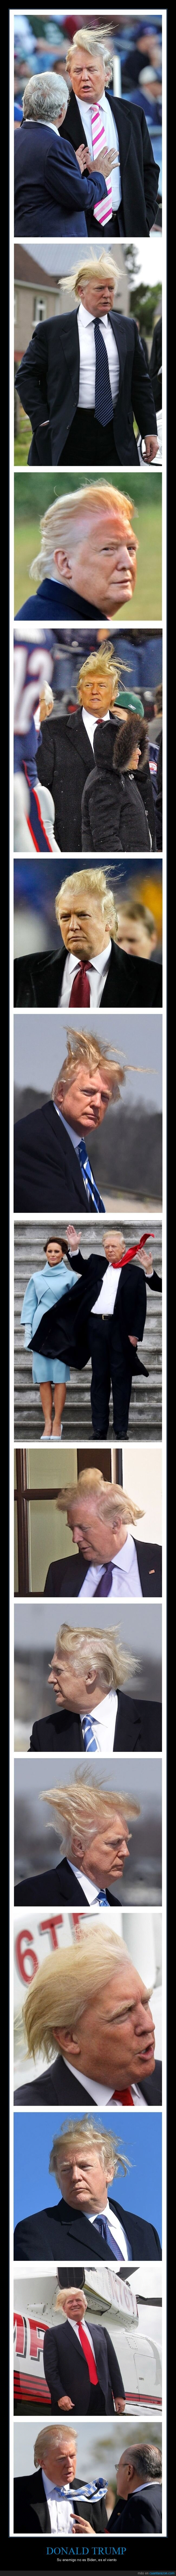 donmald trump,pelo,viento